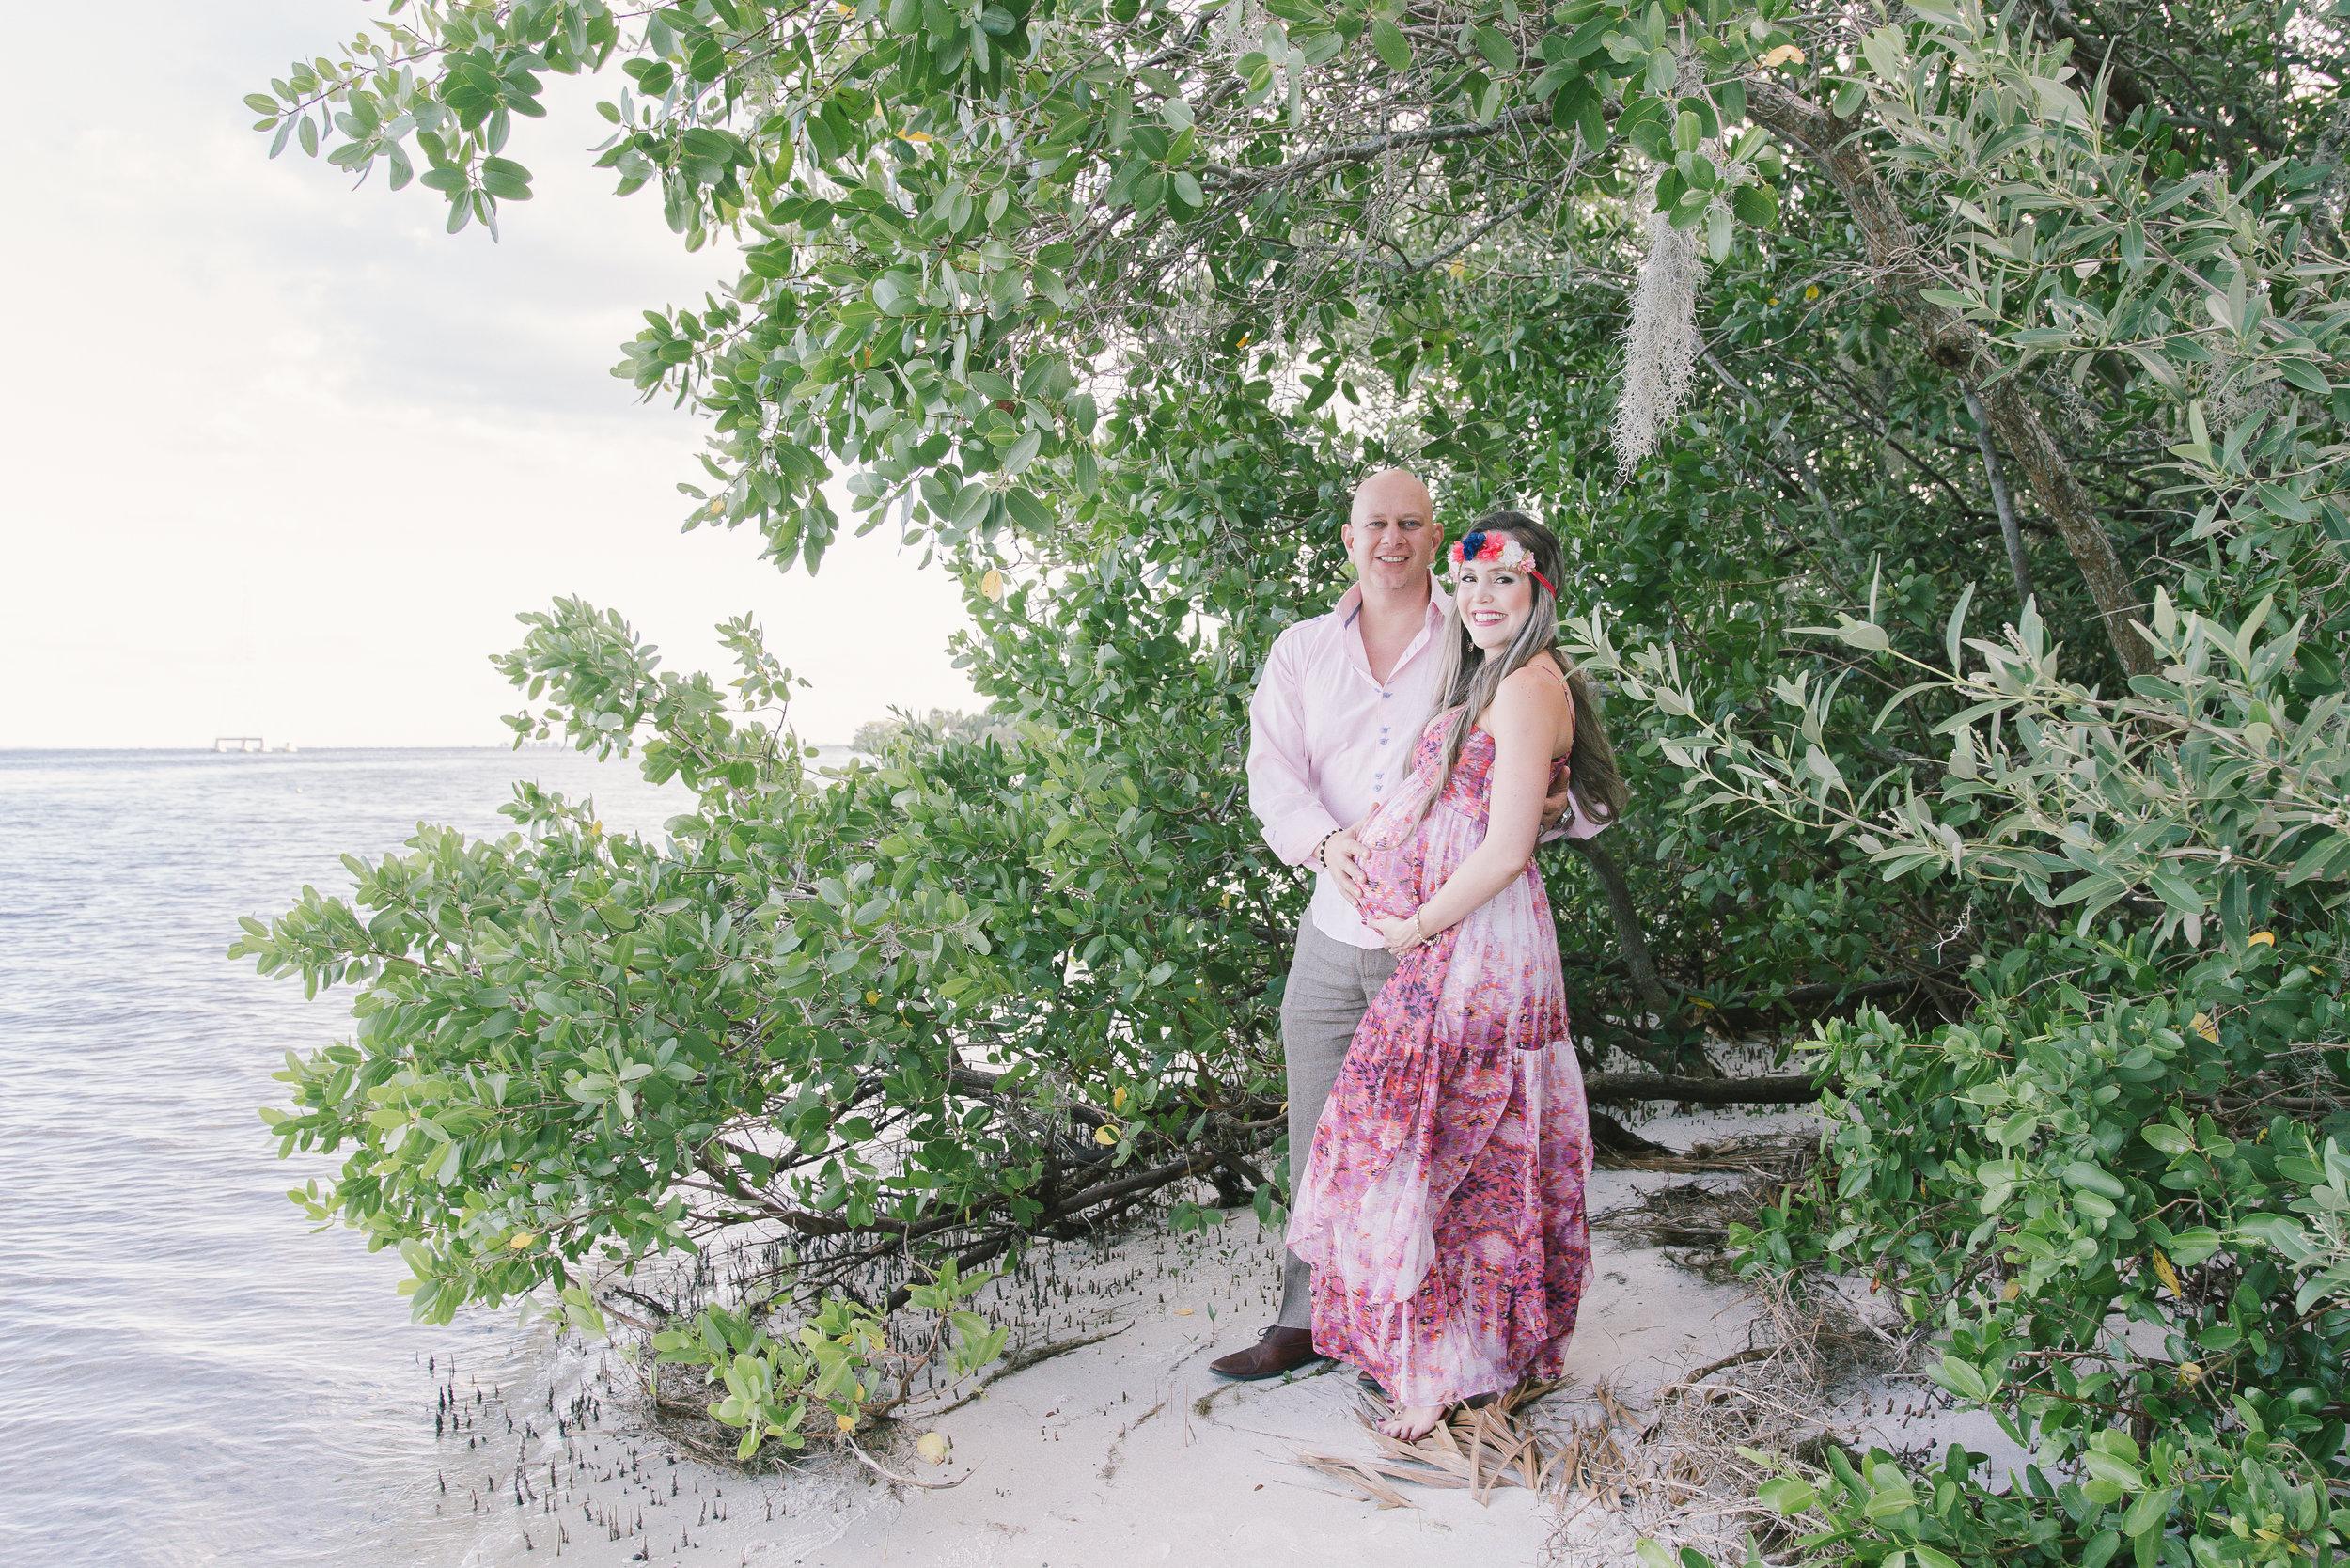 Tampa maternity , Tampa maternity session, Tampa maternityphotographer, Tampa photographer, Phillipe Park Portrait session